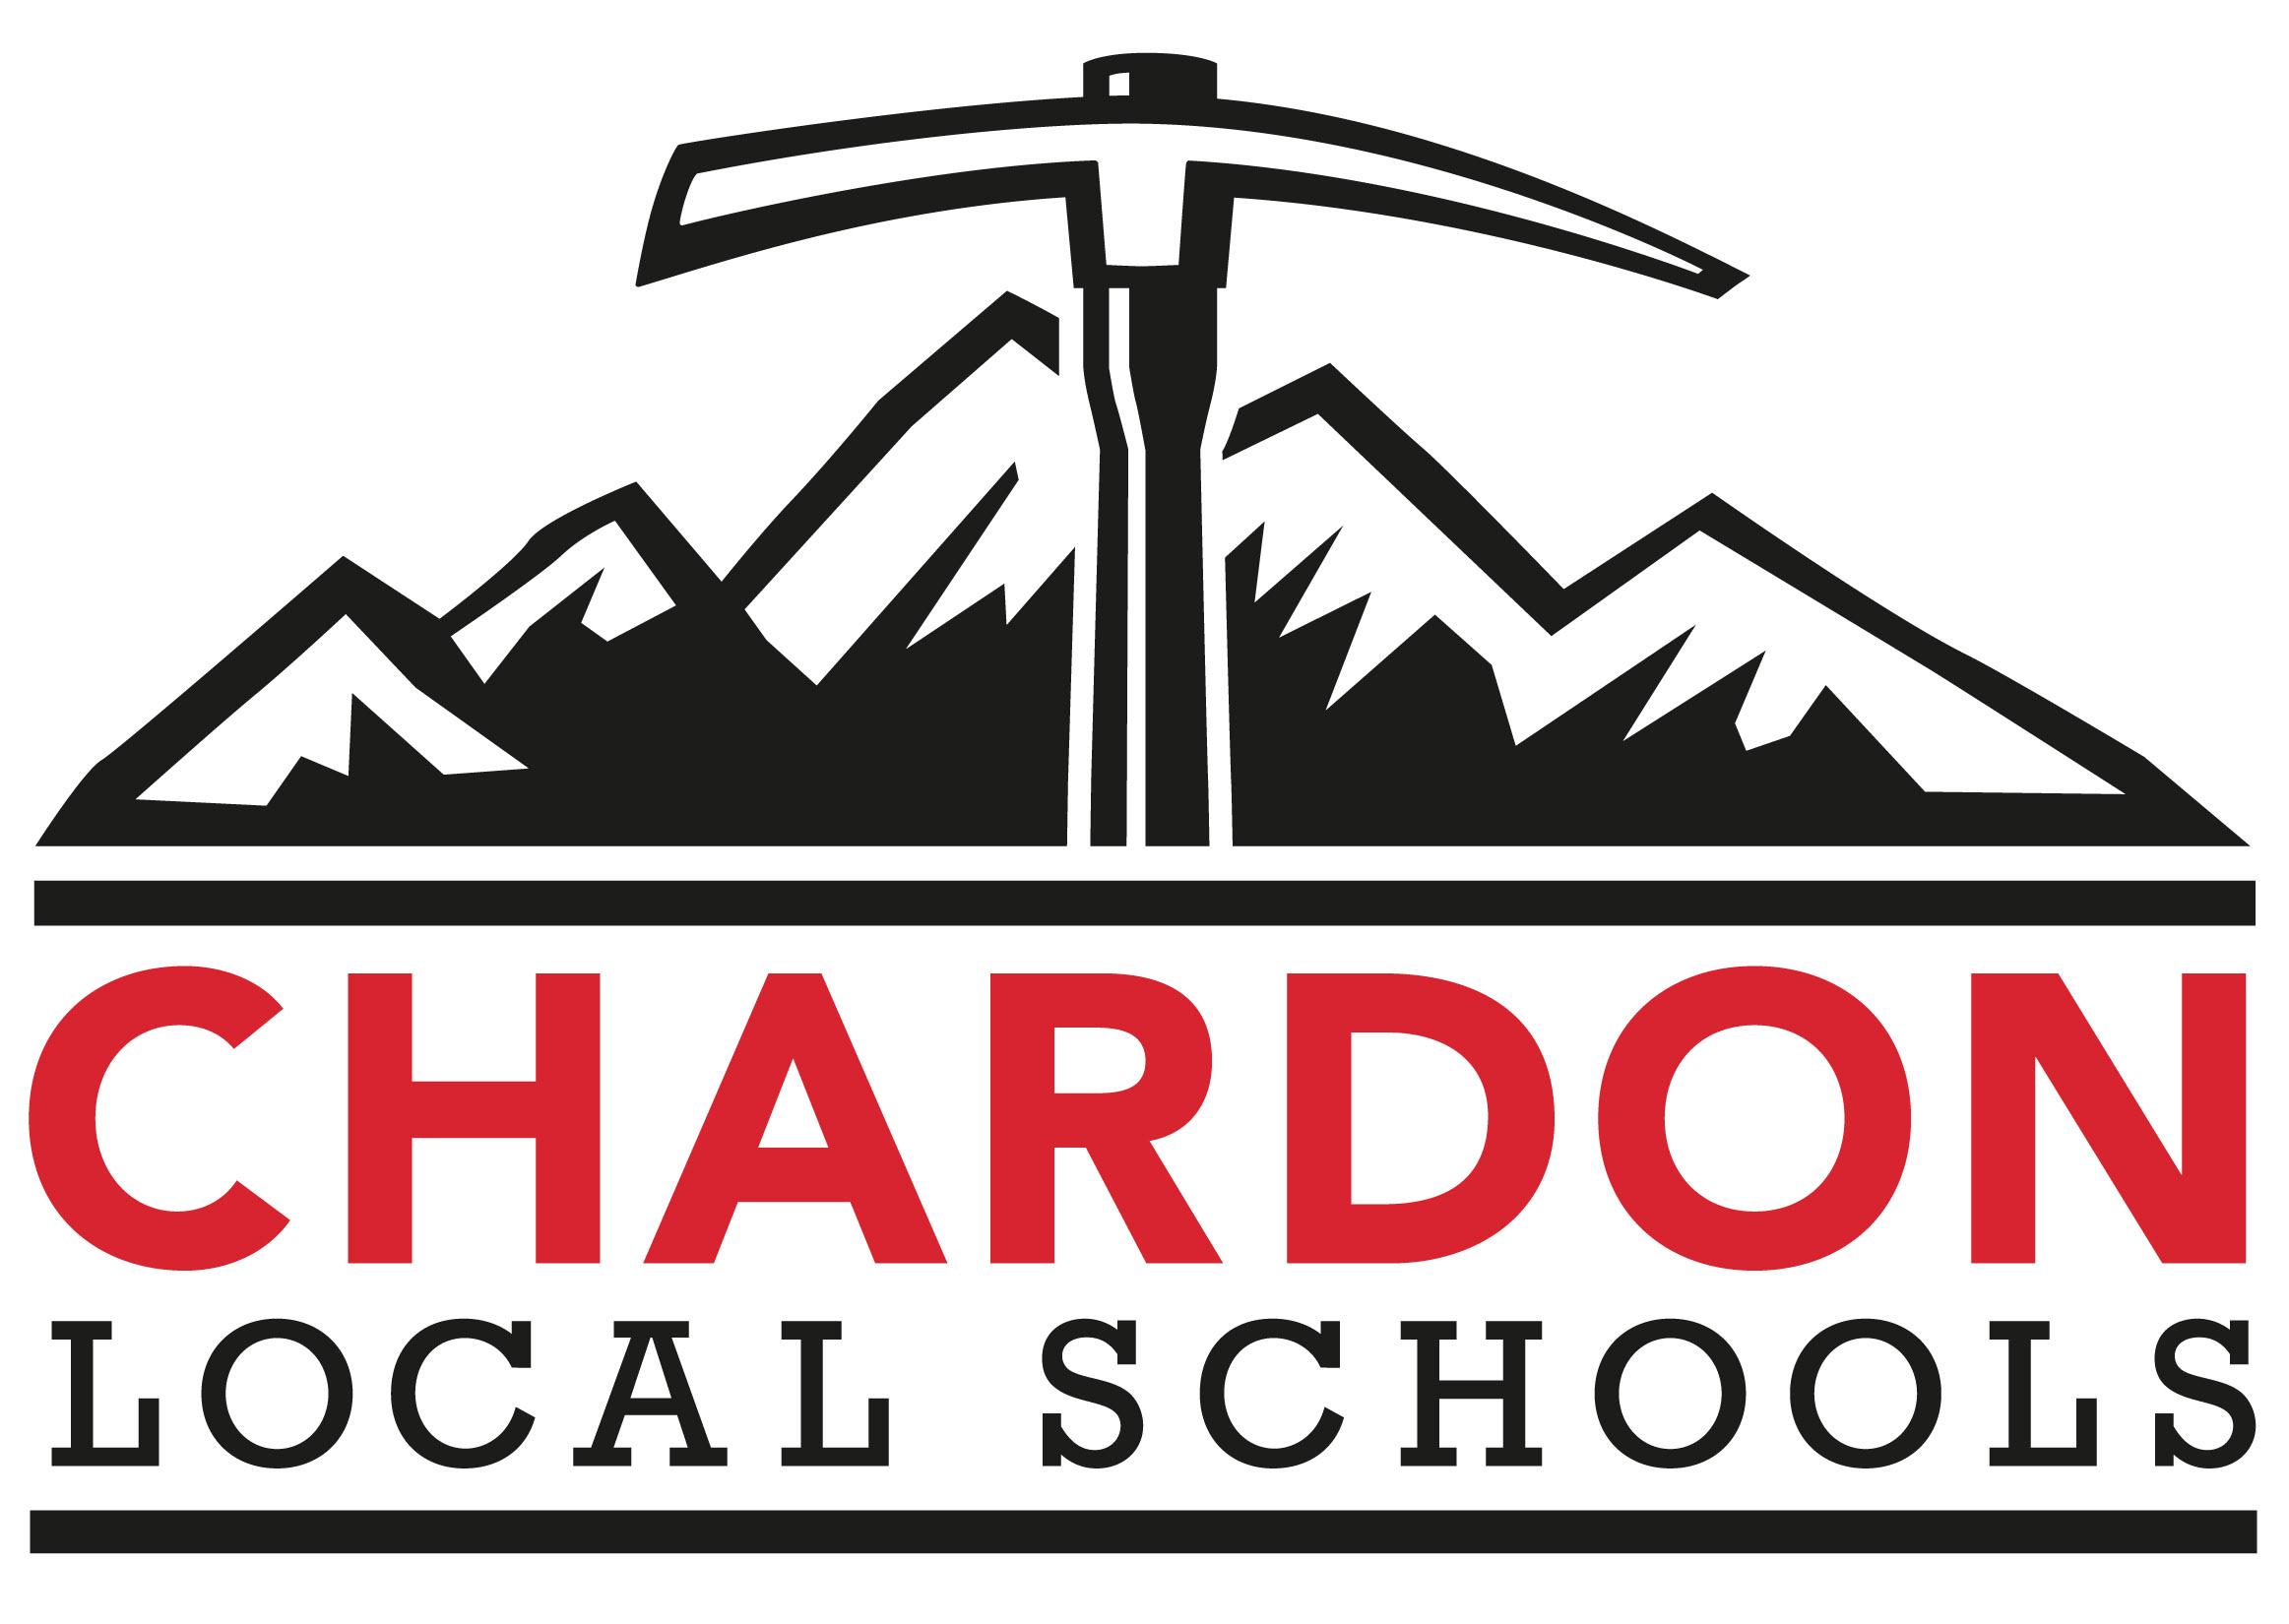 Chardon Local Schools mountain axe logo